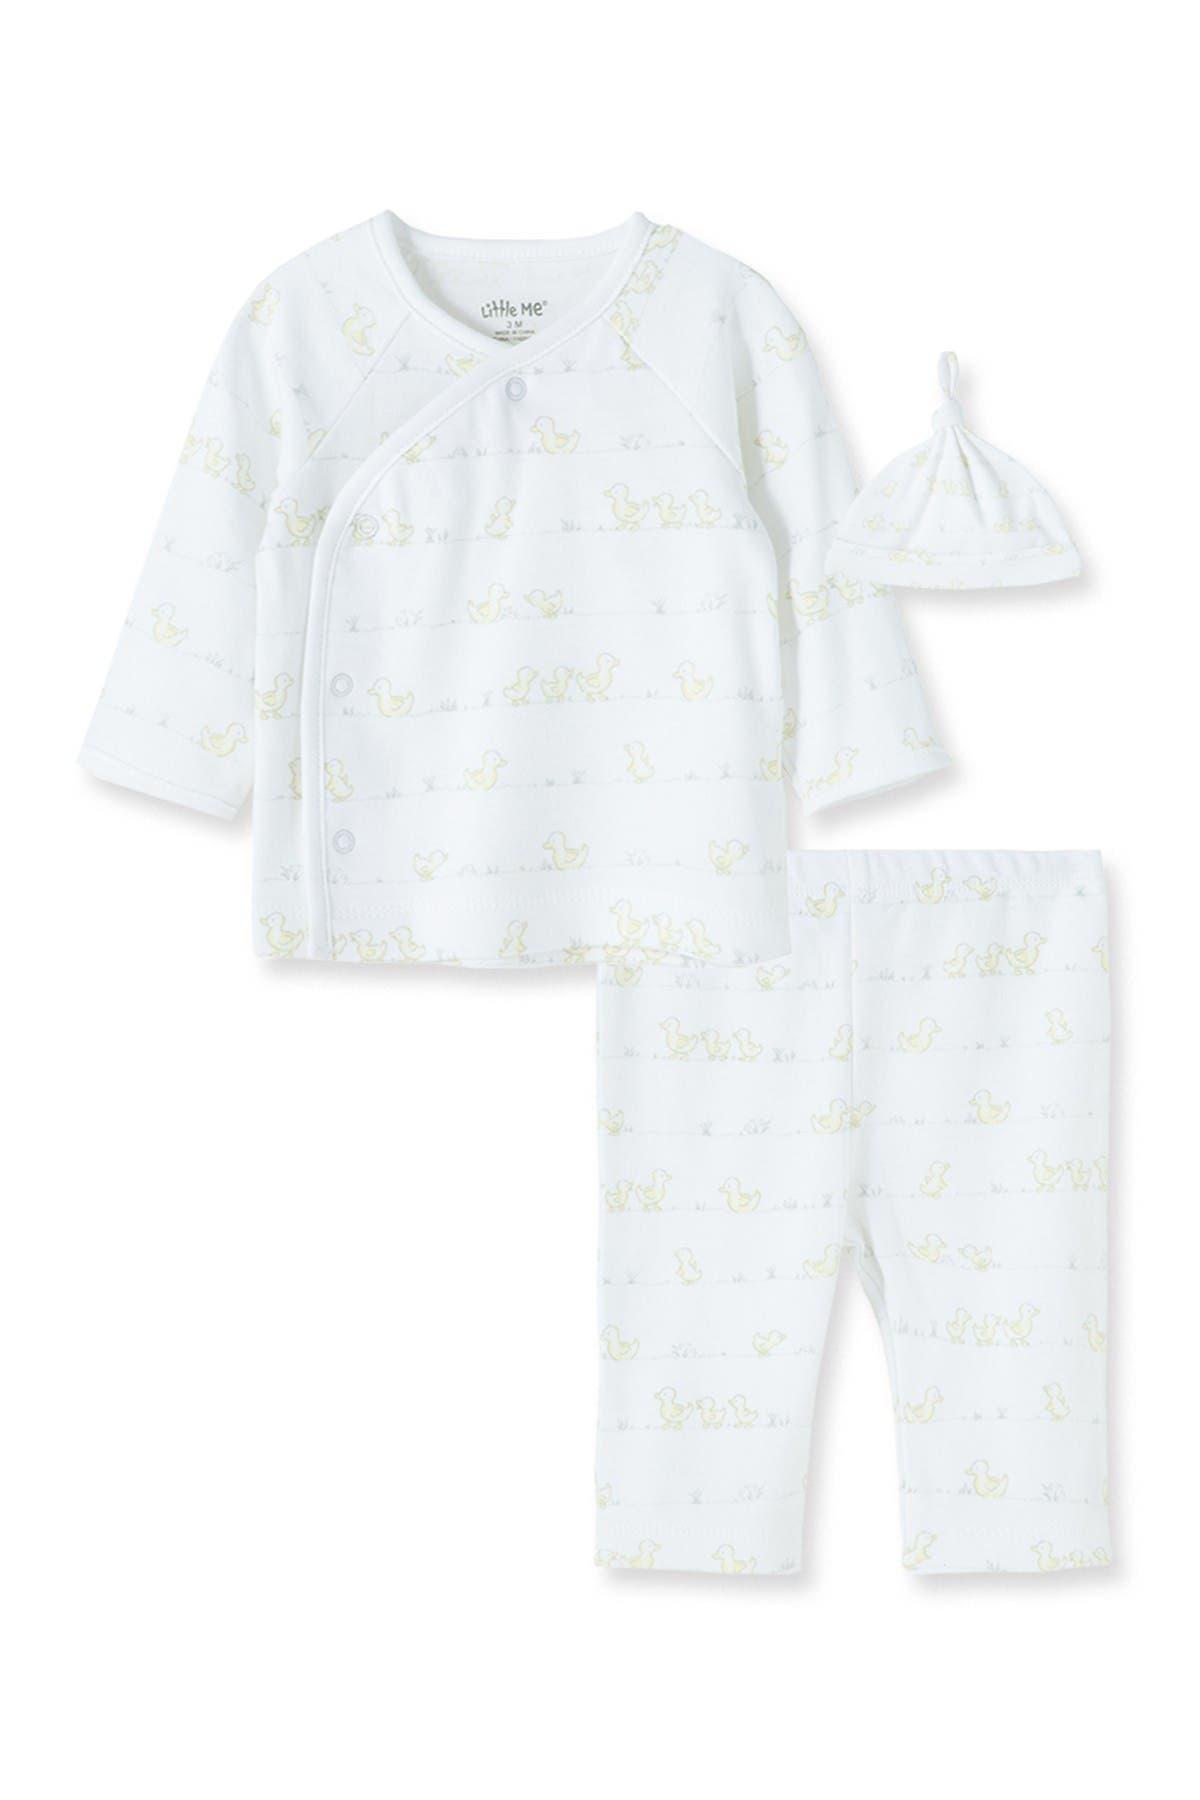 Image of Little Me Ducks 3-Piece Kimono & Beanie Set